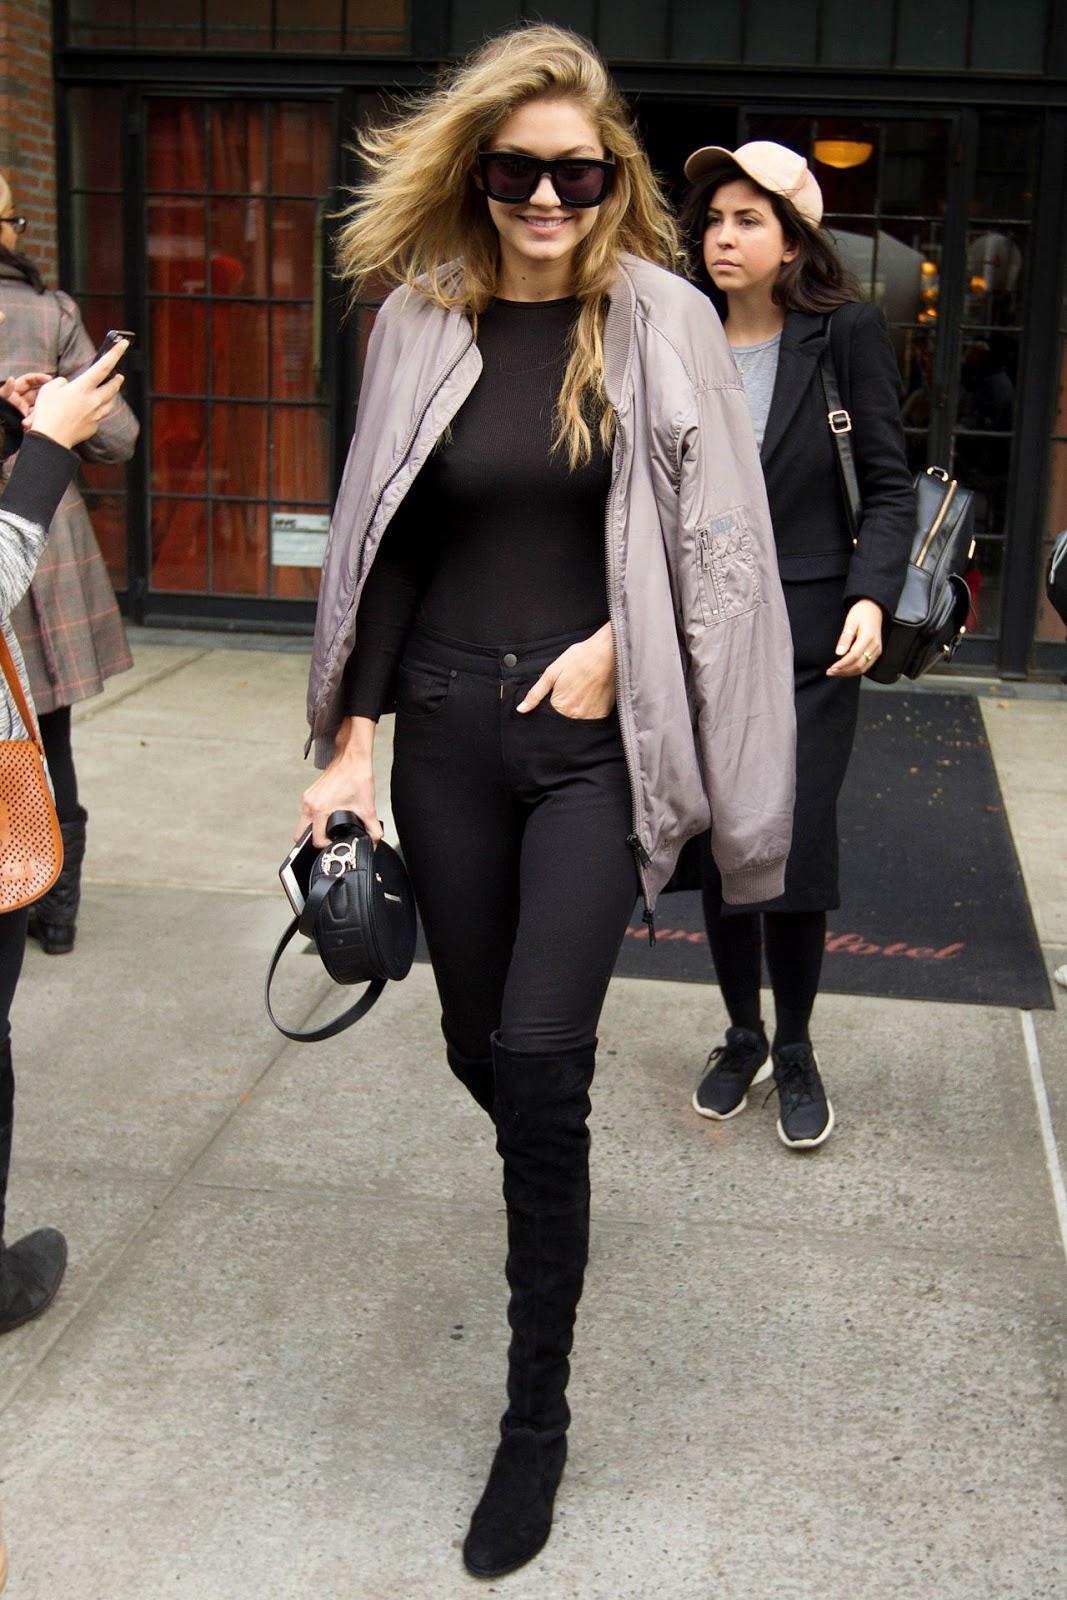 Bekend Dit zijn de tofste manieren om je overknees te dragen | FEM FEM &CG09